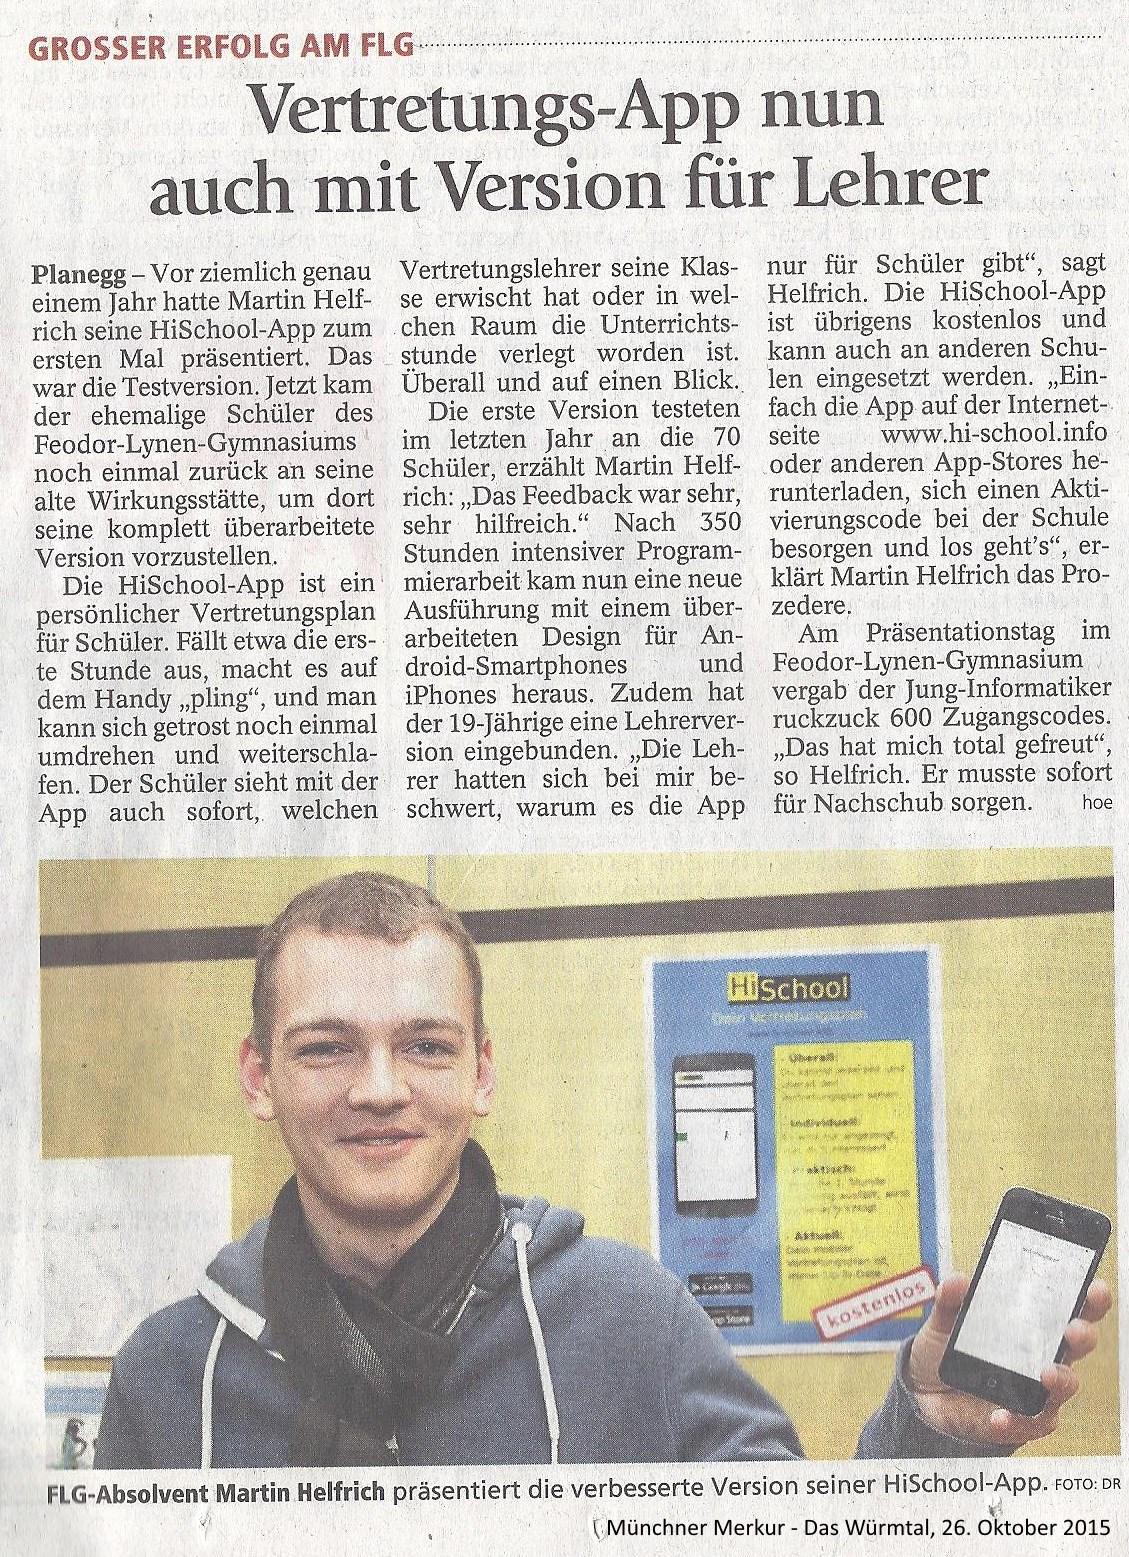 """Artikel über den Release / die Veröffentlichung der App """"HiSchool - dein Vertretungsplan"""" von Münchner Merkur 26.10.2015"""